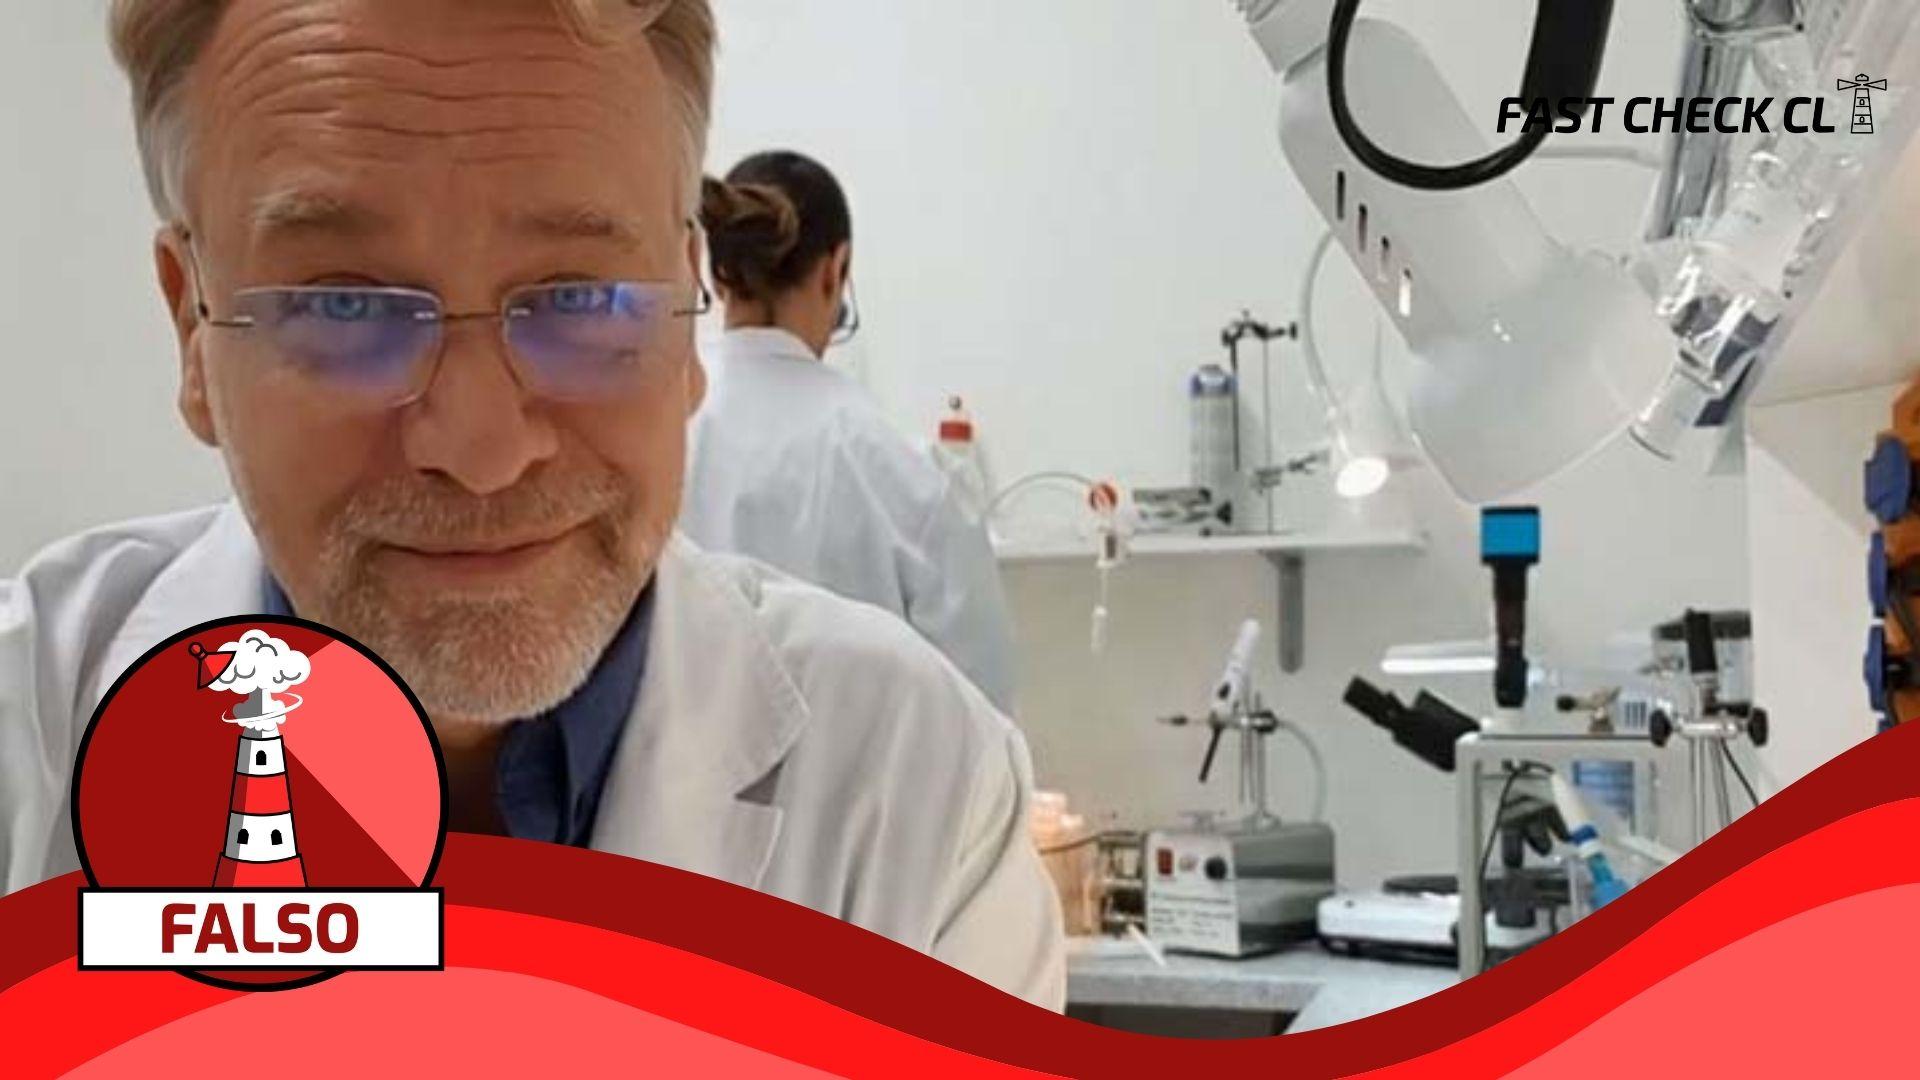 Read more about the article (Video) Las vacunas del Covid-19 poseen un mecanismo de magnetogenética que influye sobre las personas y modifica su genética: #Falso